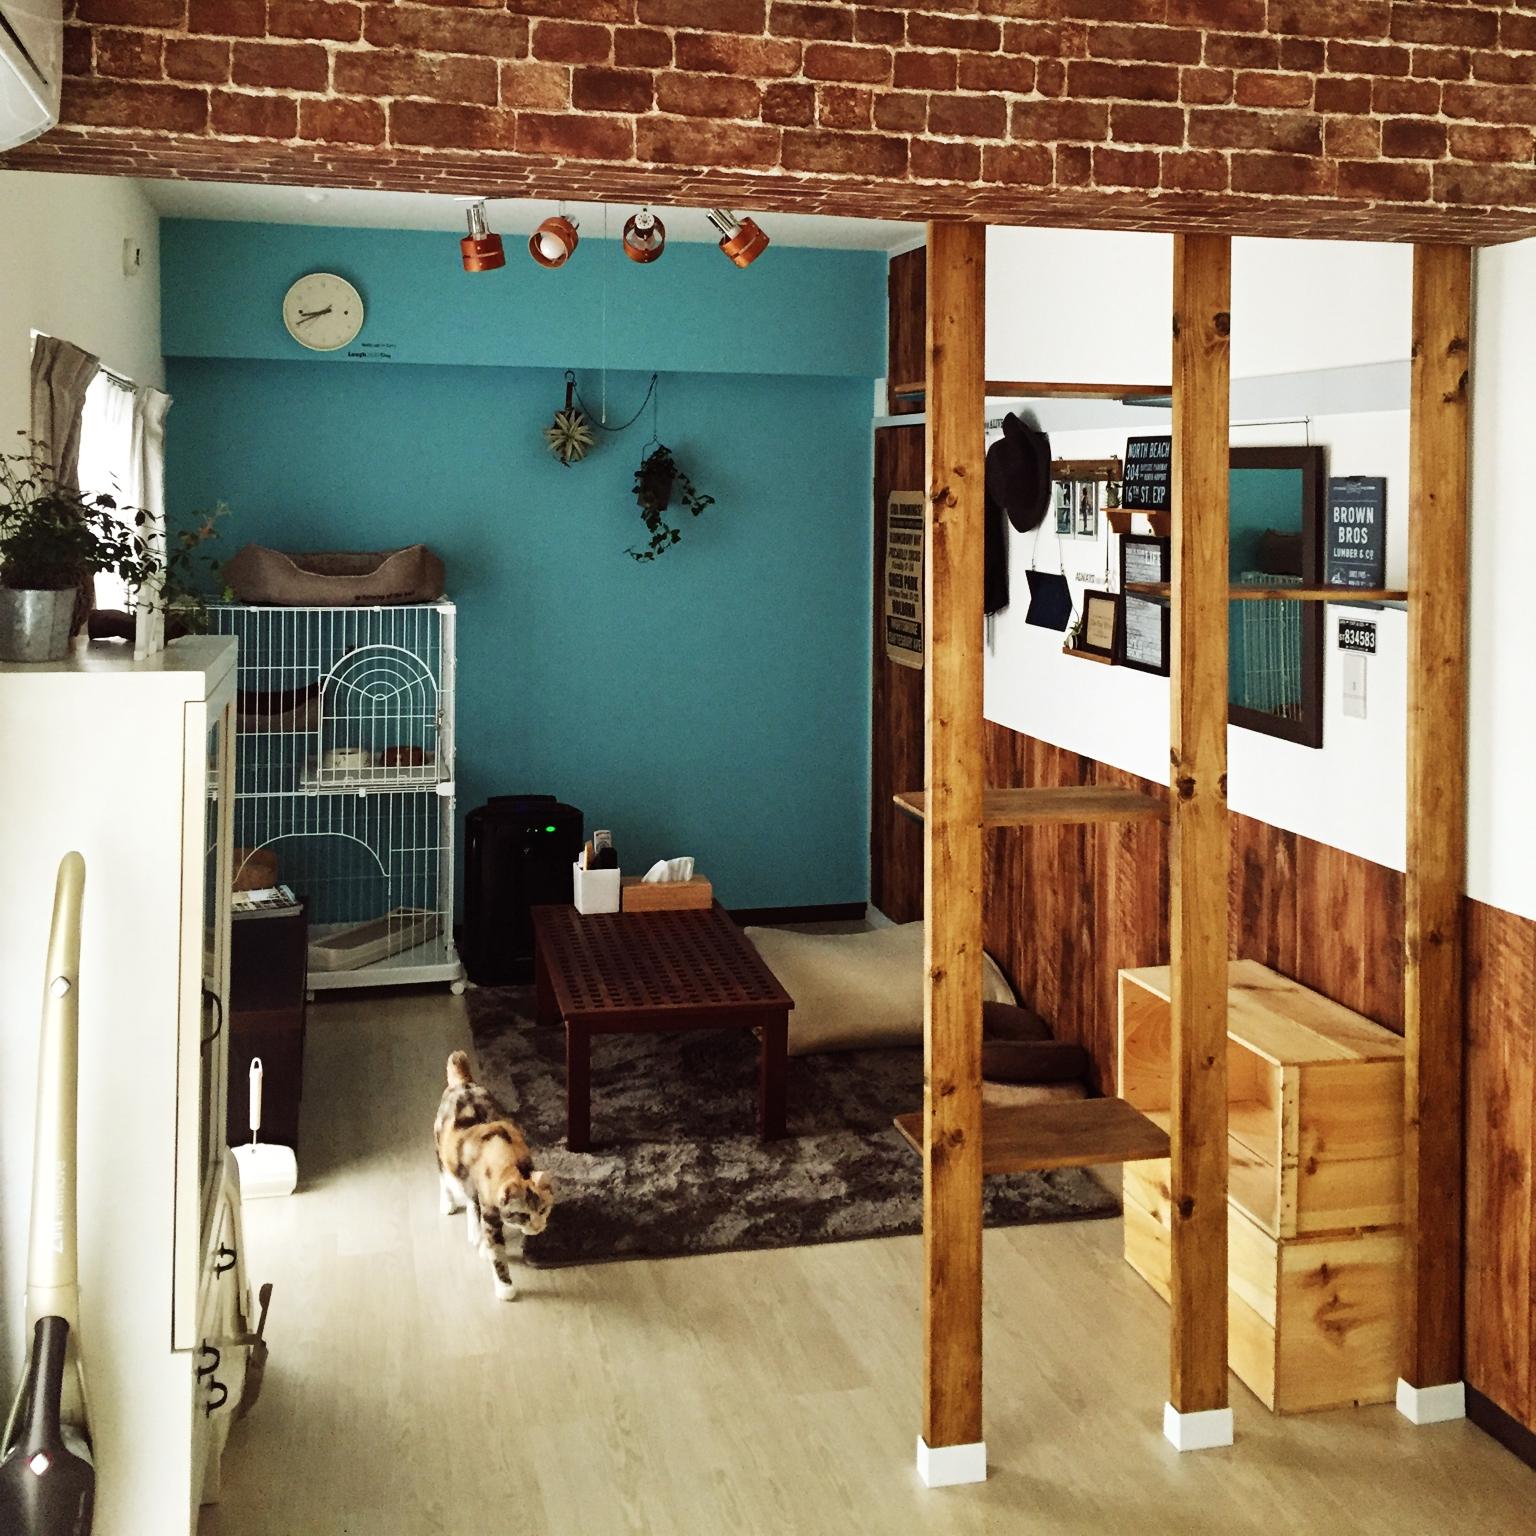 女性で、1LDK、家族住まいの照明/セリア/りんご箱/キャットウォーク/DIY/猫のいる部屋…などについてのインテリア実例を紹介。